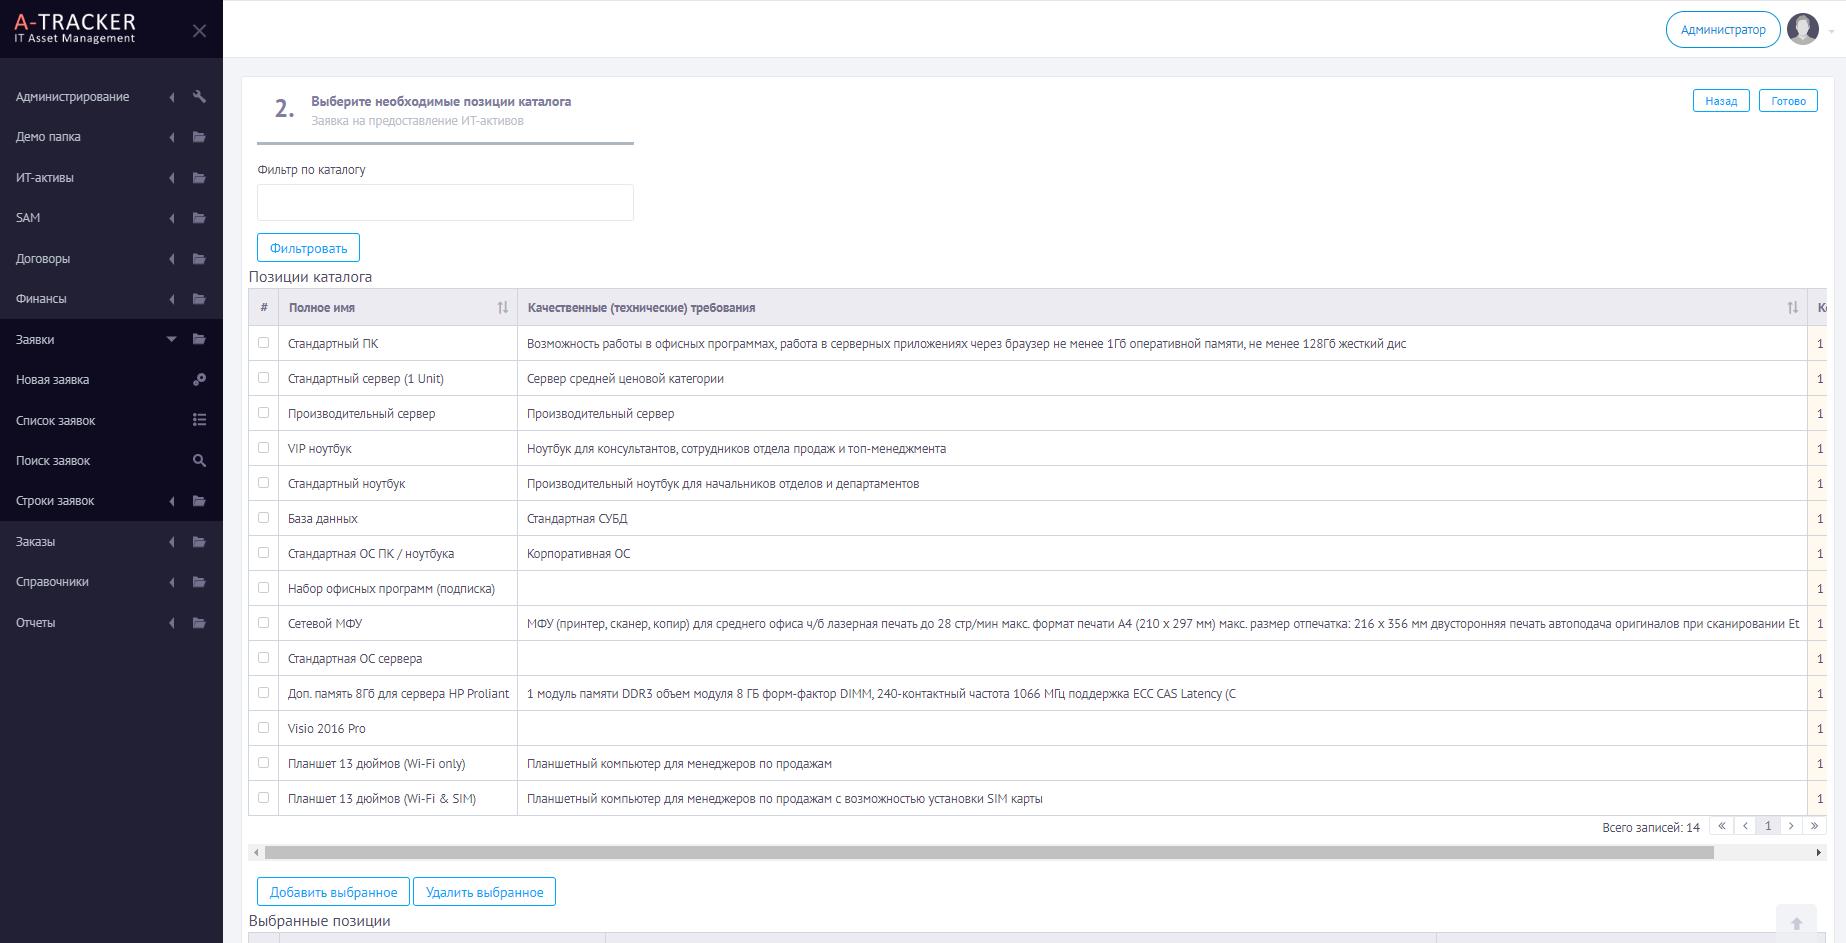 Общий вид интерфейса системы A-Tracker в части портфеля ИТ-активов